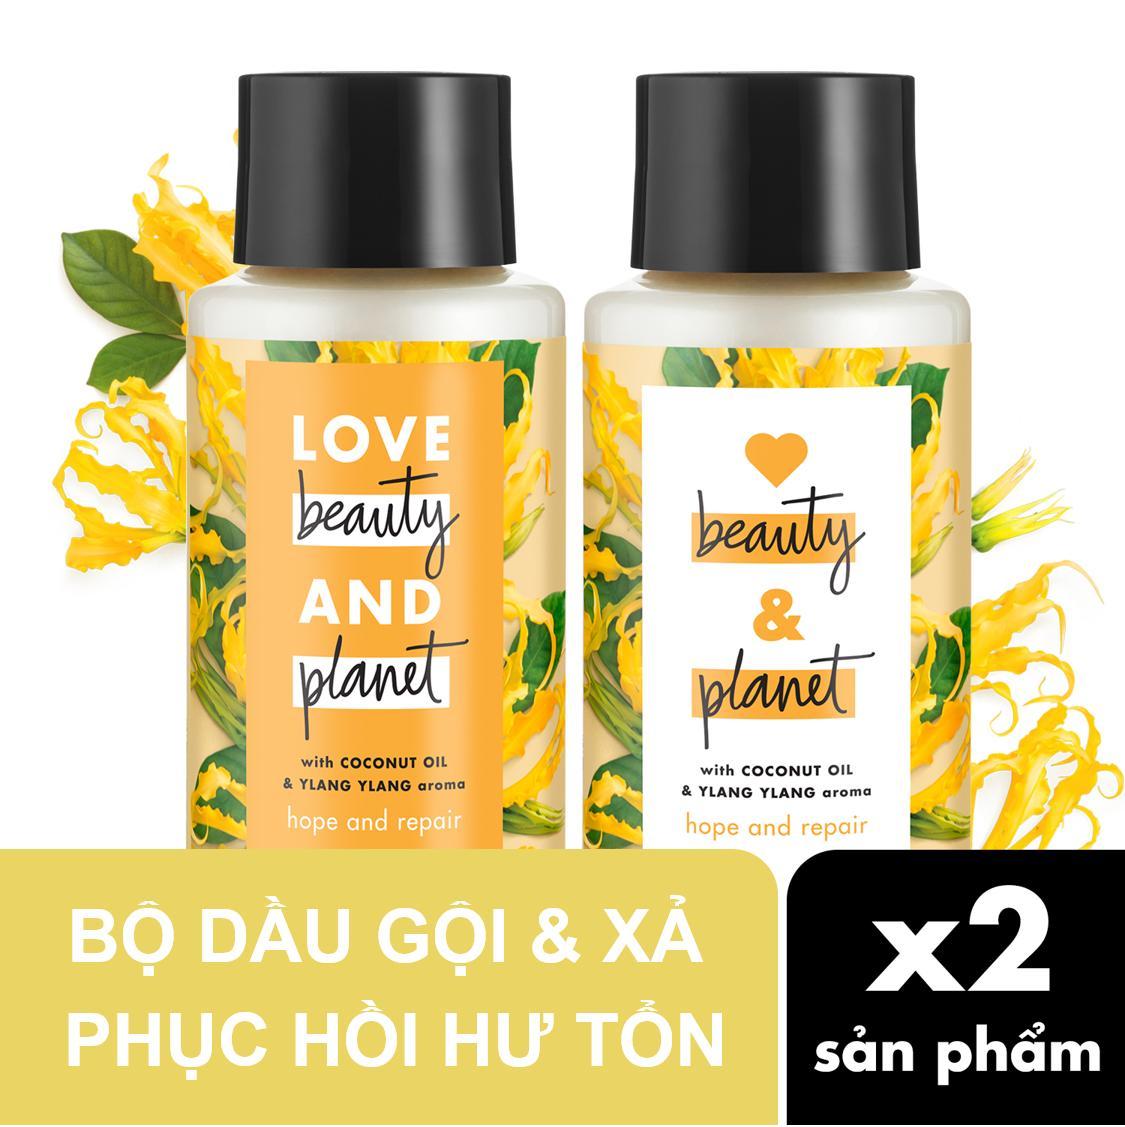 Combo phục hồi tóc hư tổn dầu gội & dầu xả Love Beauty & Planet 400ml